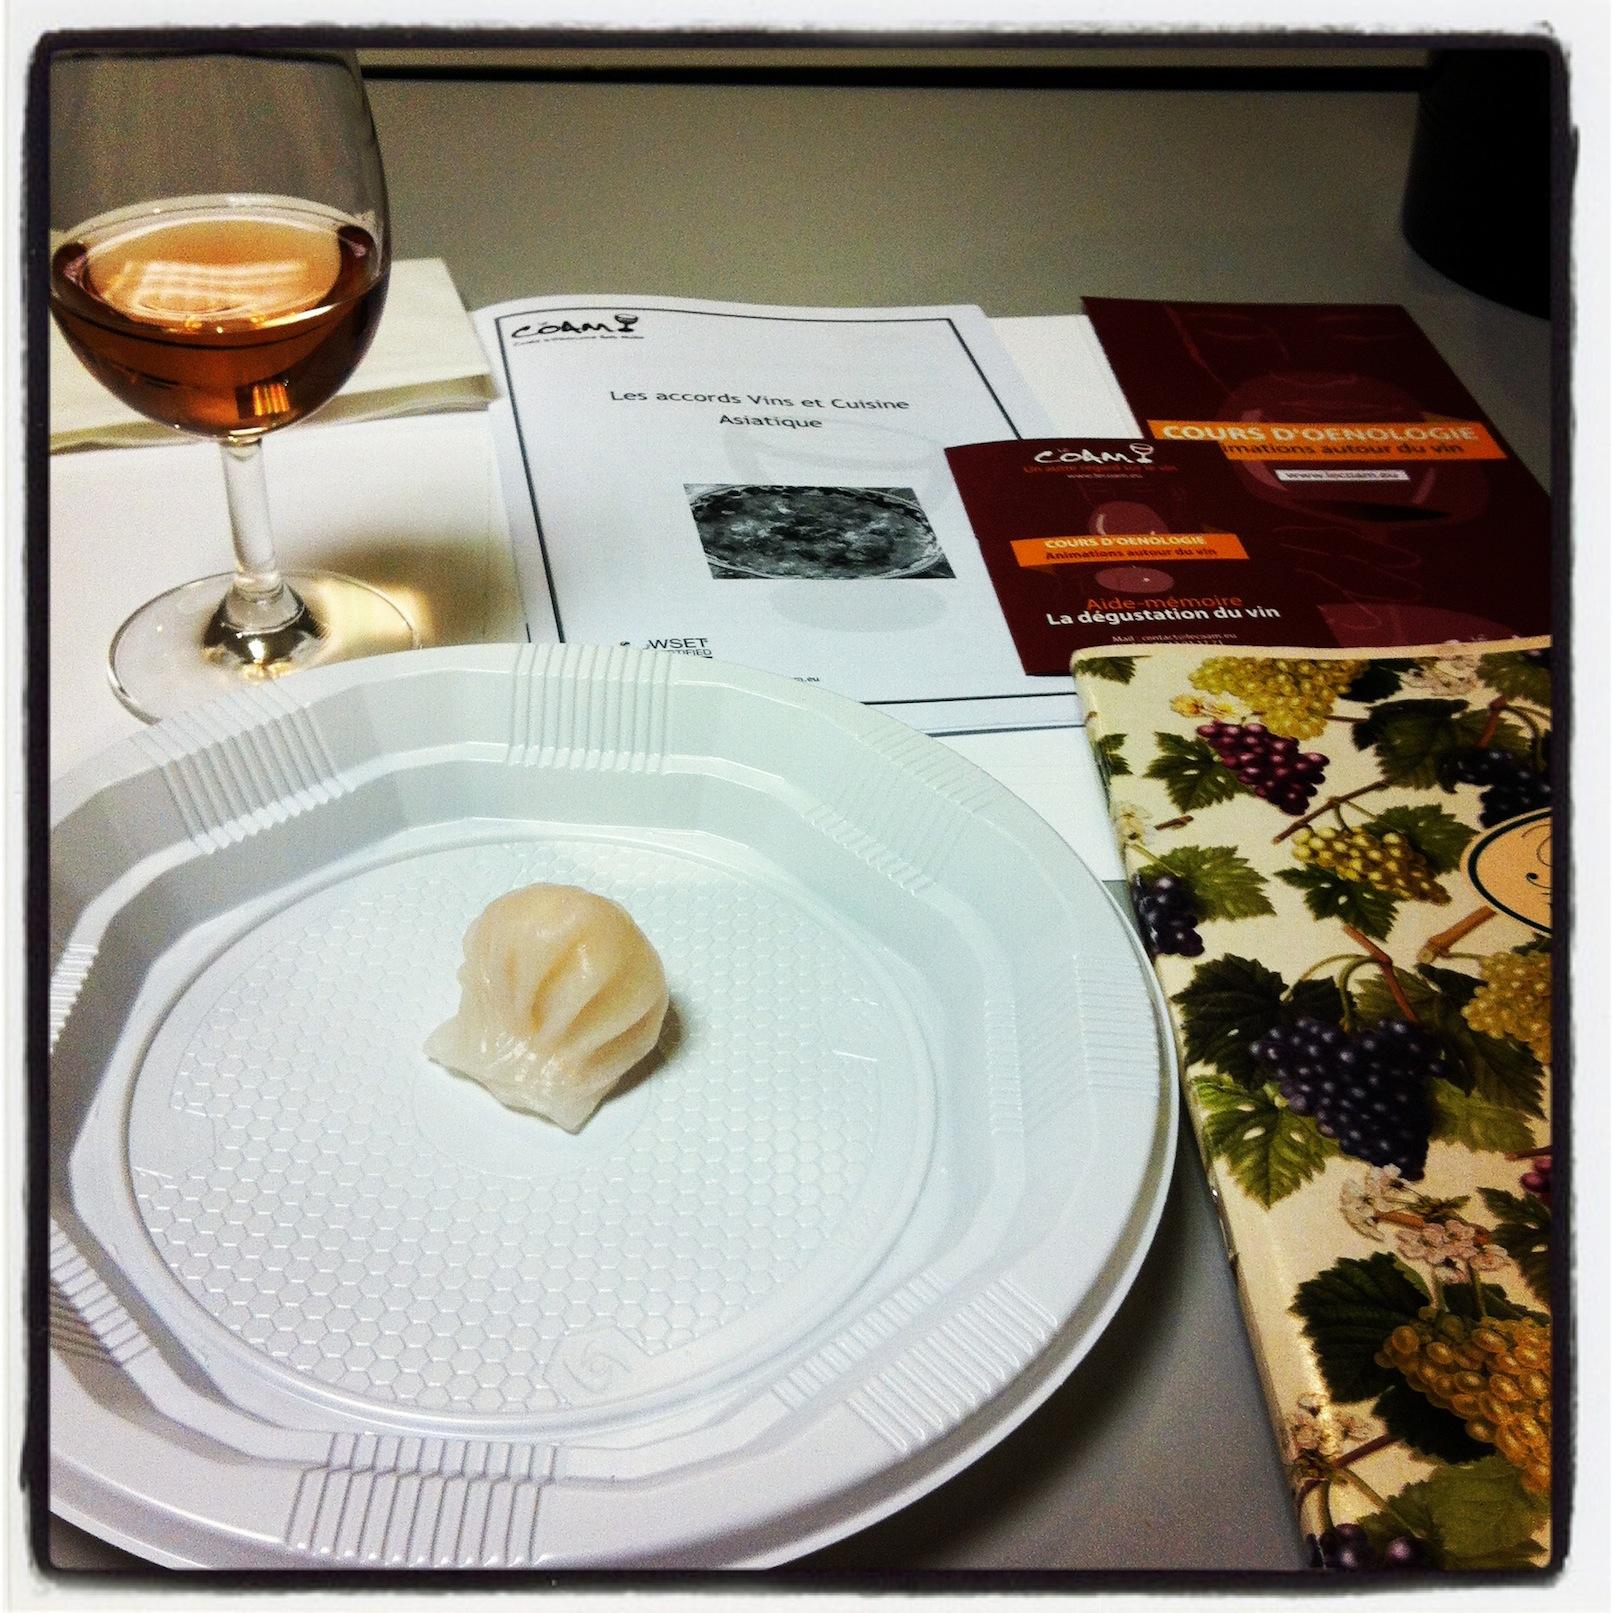 Vins et cuisine asiatique les mariages c line m c line - Cuisine asiatique vapeur ...